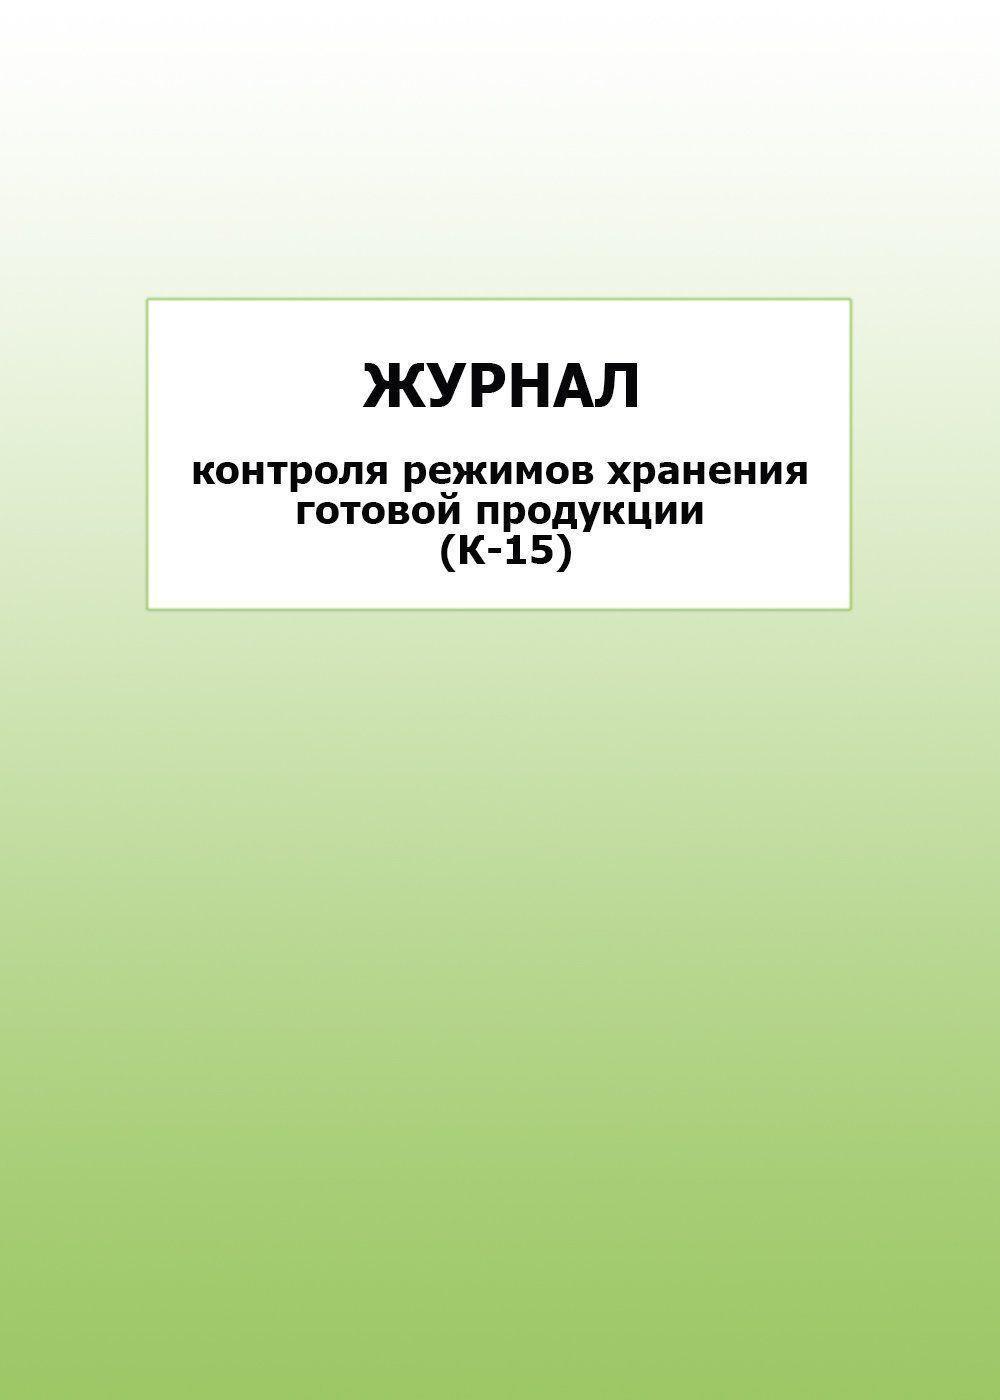 Журнал контроля режимов хранения готовой продукции (К-15): упаковка 100 шт.